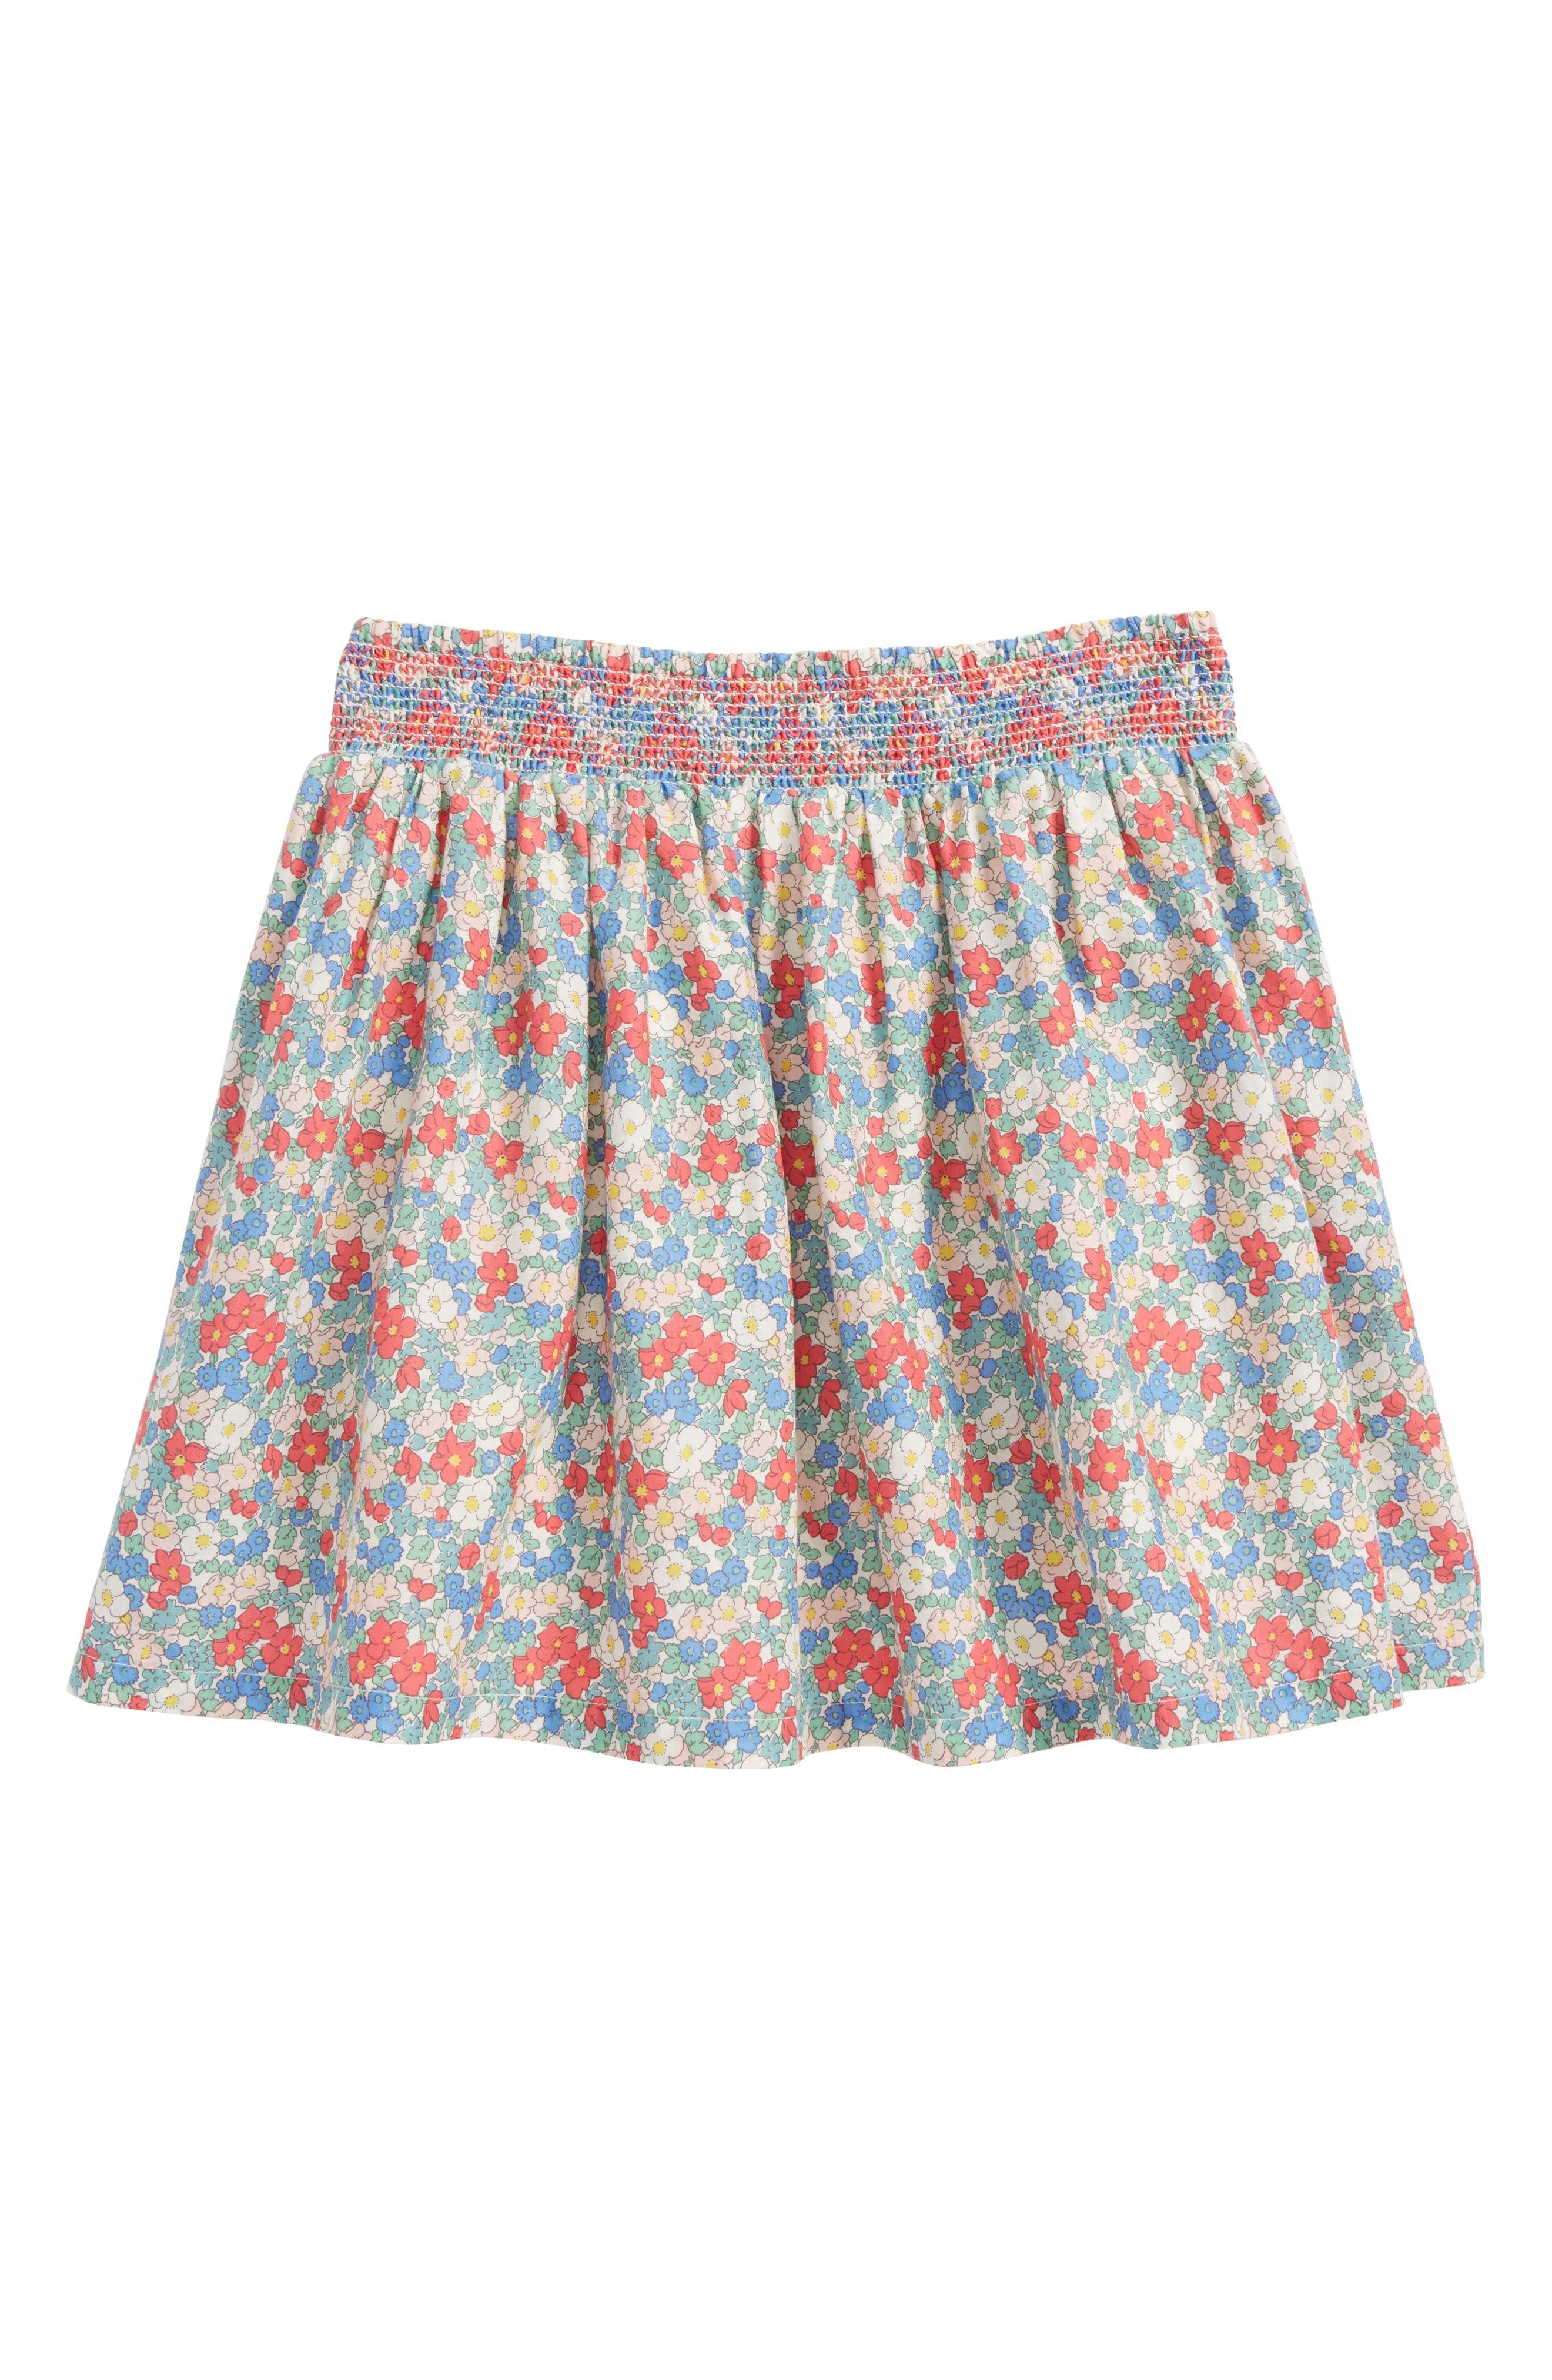 Mini Boden Floral Smocked Cotton Skirt (Toddler Girls, Little Girls & Big Girls)